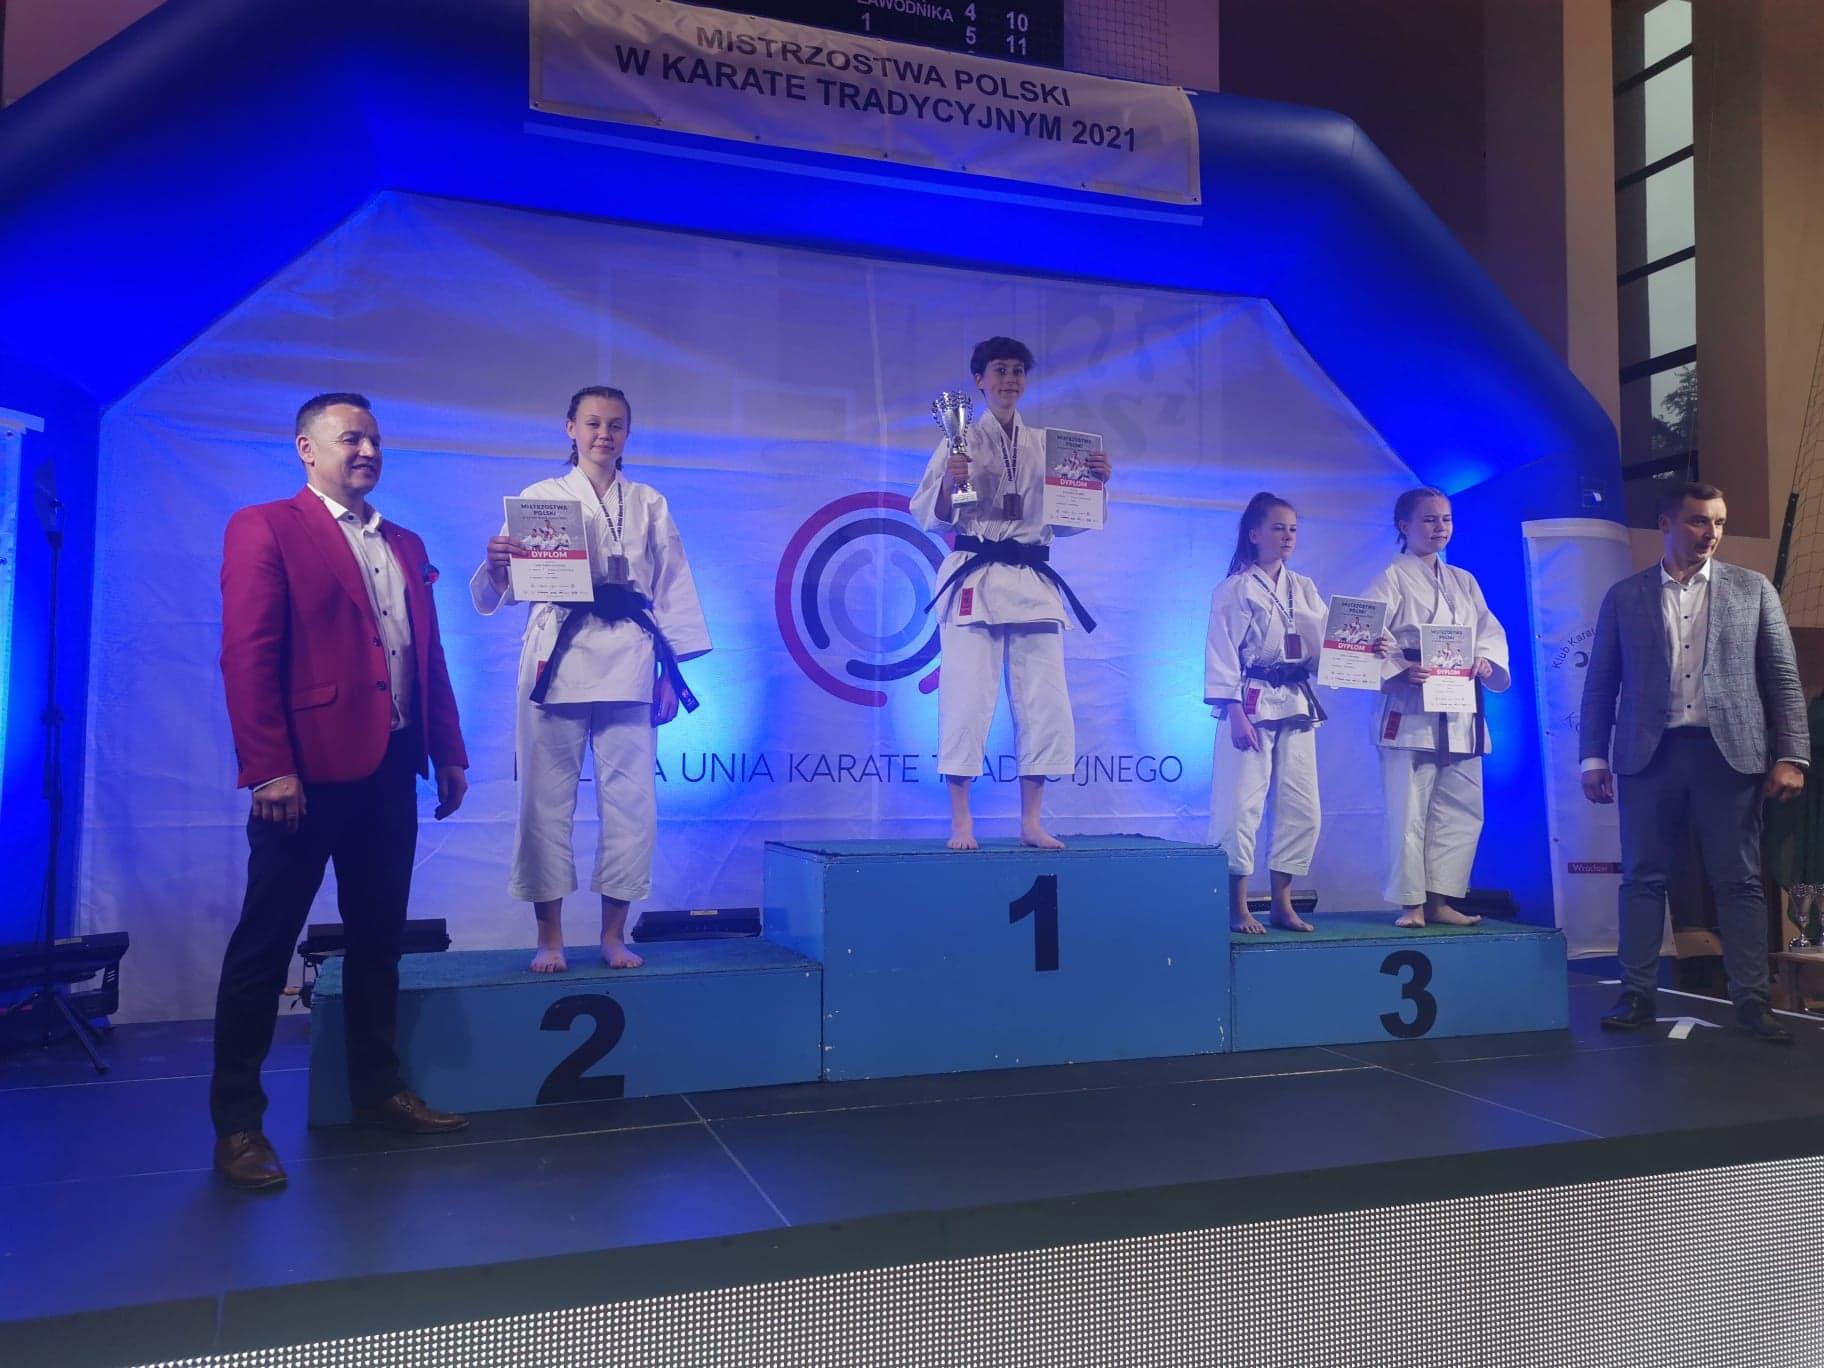 mp wroclaw m 2 wiktoria kaszuba Karatecy Zamojskiego Klubu Karate Tradycyjnego w Zamościu na podium Mistrzostw Polski! [ZDJĘCIA]